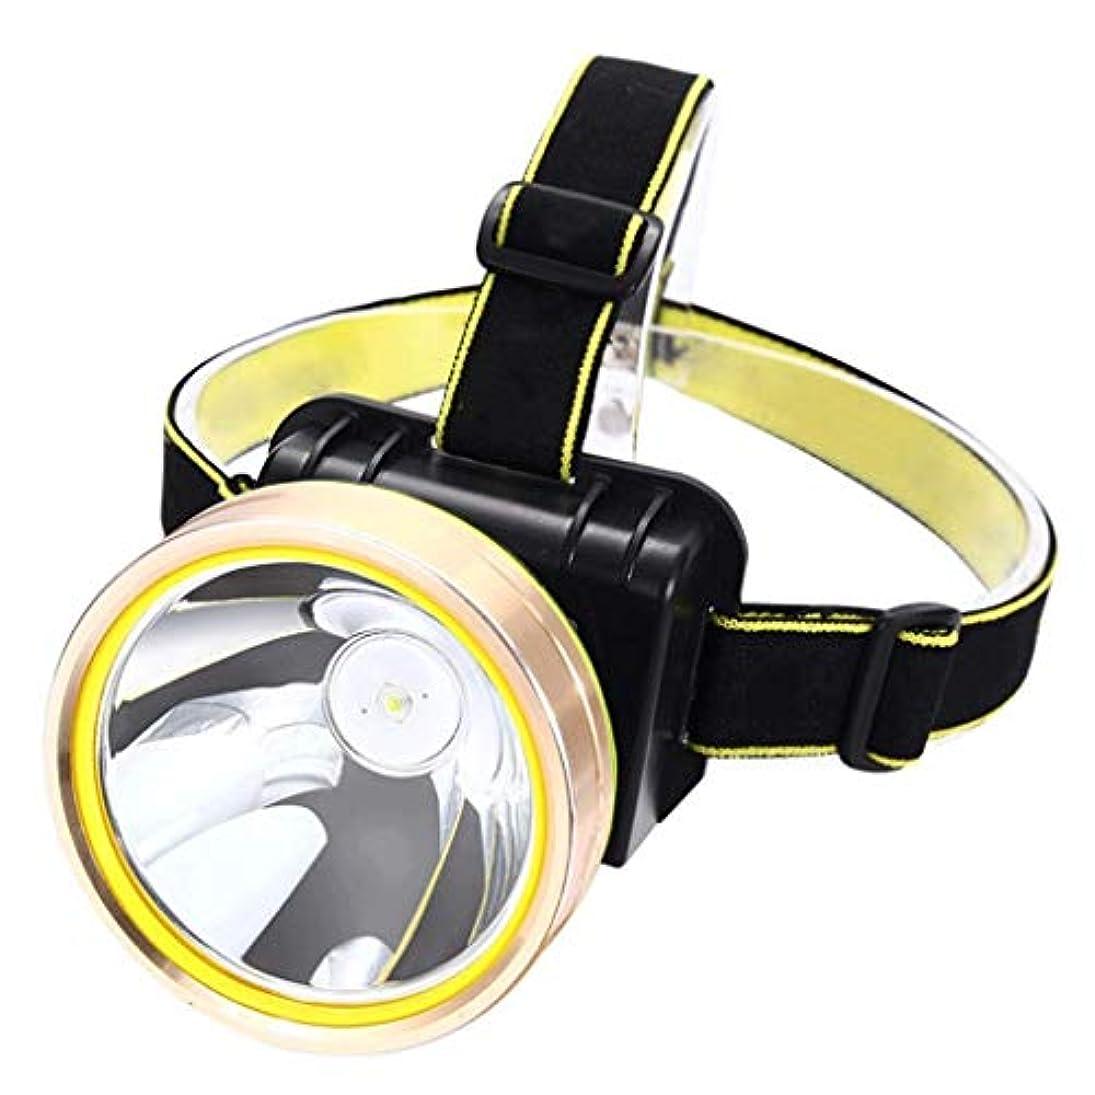 中毒ハロウィン協力的Erosttd 超高輝度LEDヘッドランプ、防水ランニング、キャンプ、ハイキング用充電式ナイトフィッシング屋外用ヘッドランプ